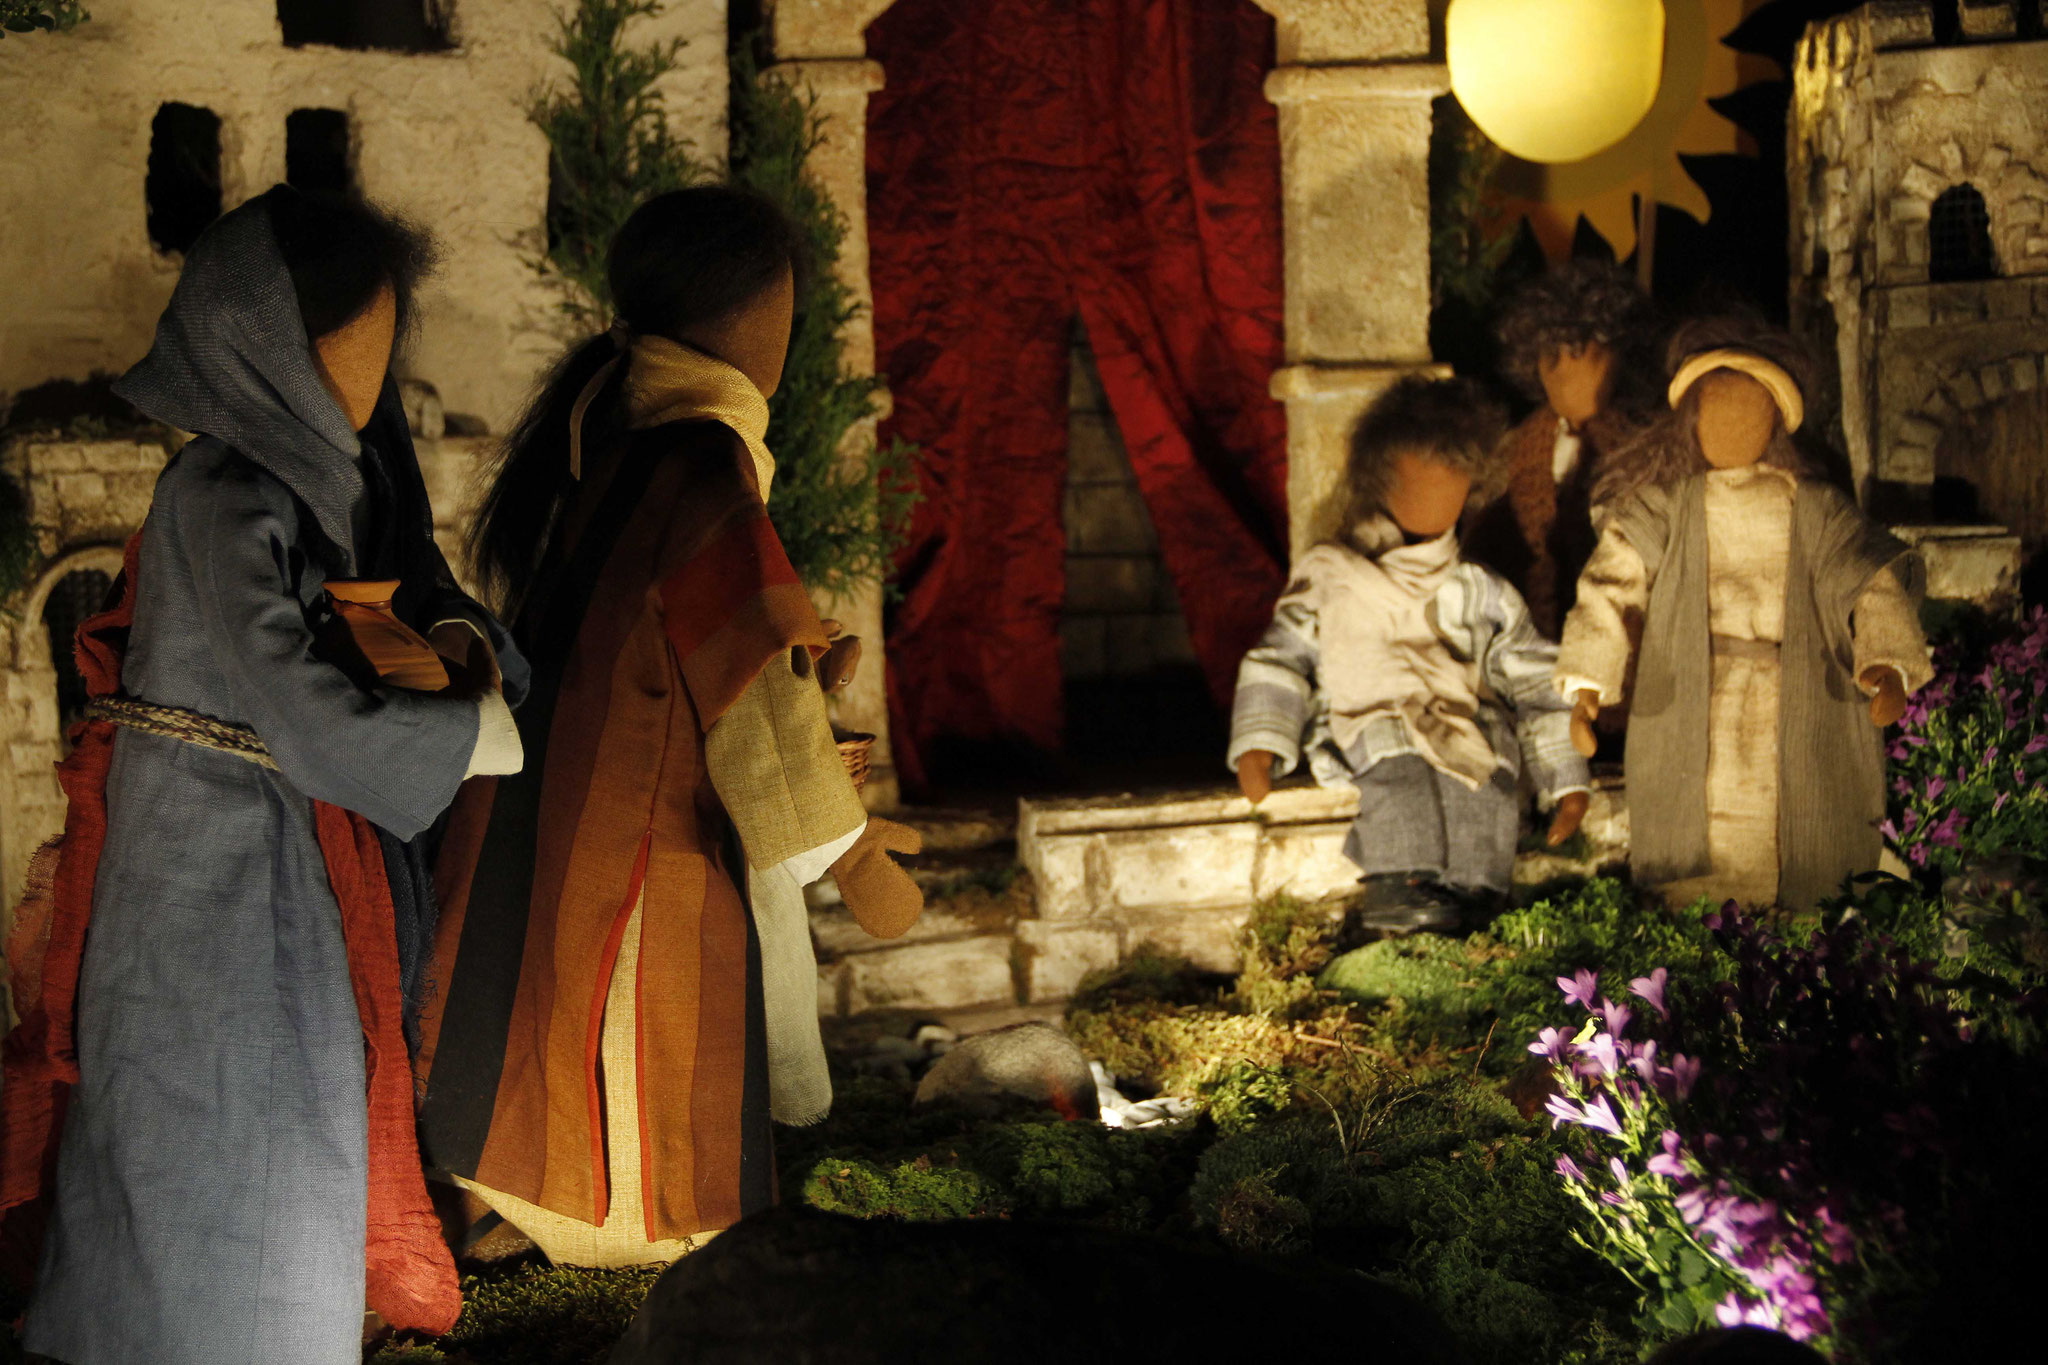 Sogleich verliessen sie das Grab und eilten voll Furcht und großer Freude zu seinen Jüngern, um ihnen die Botschaft zu verkünden.